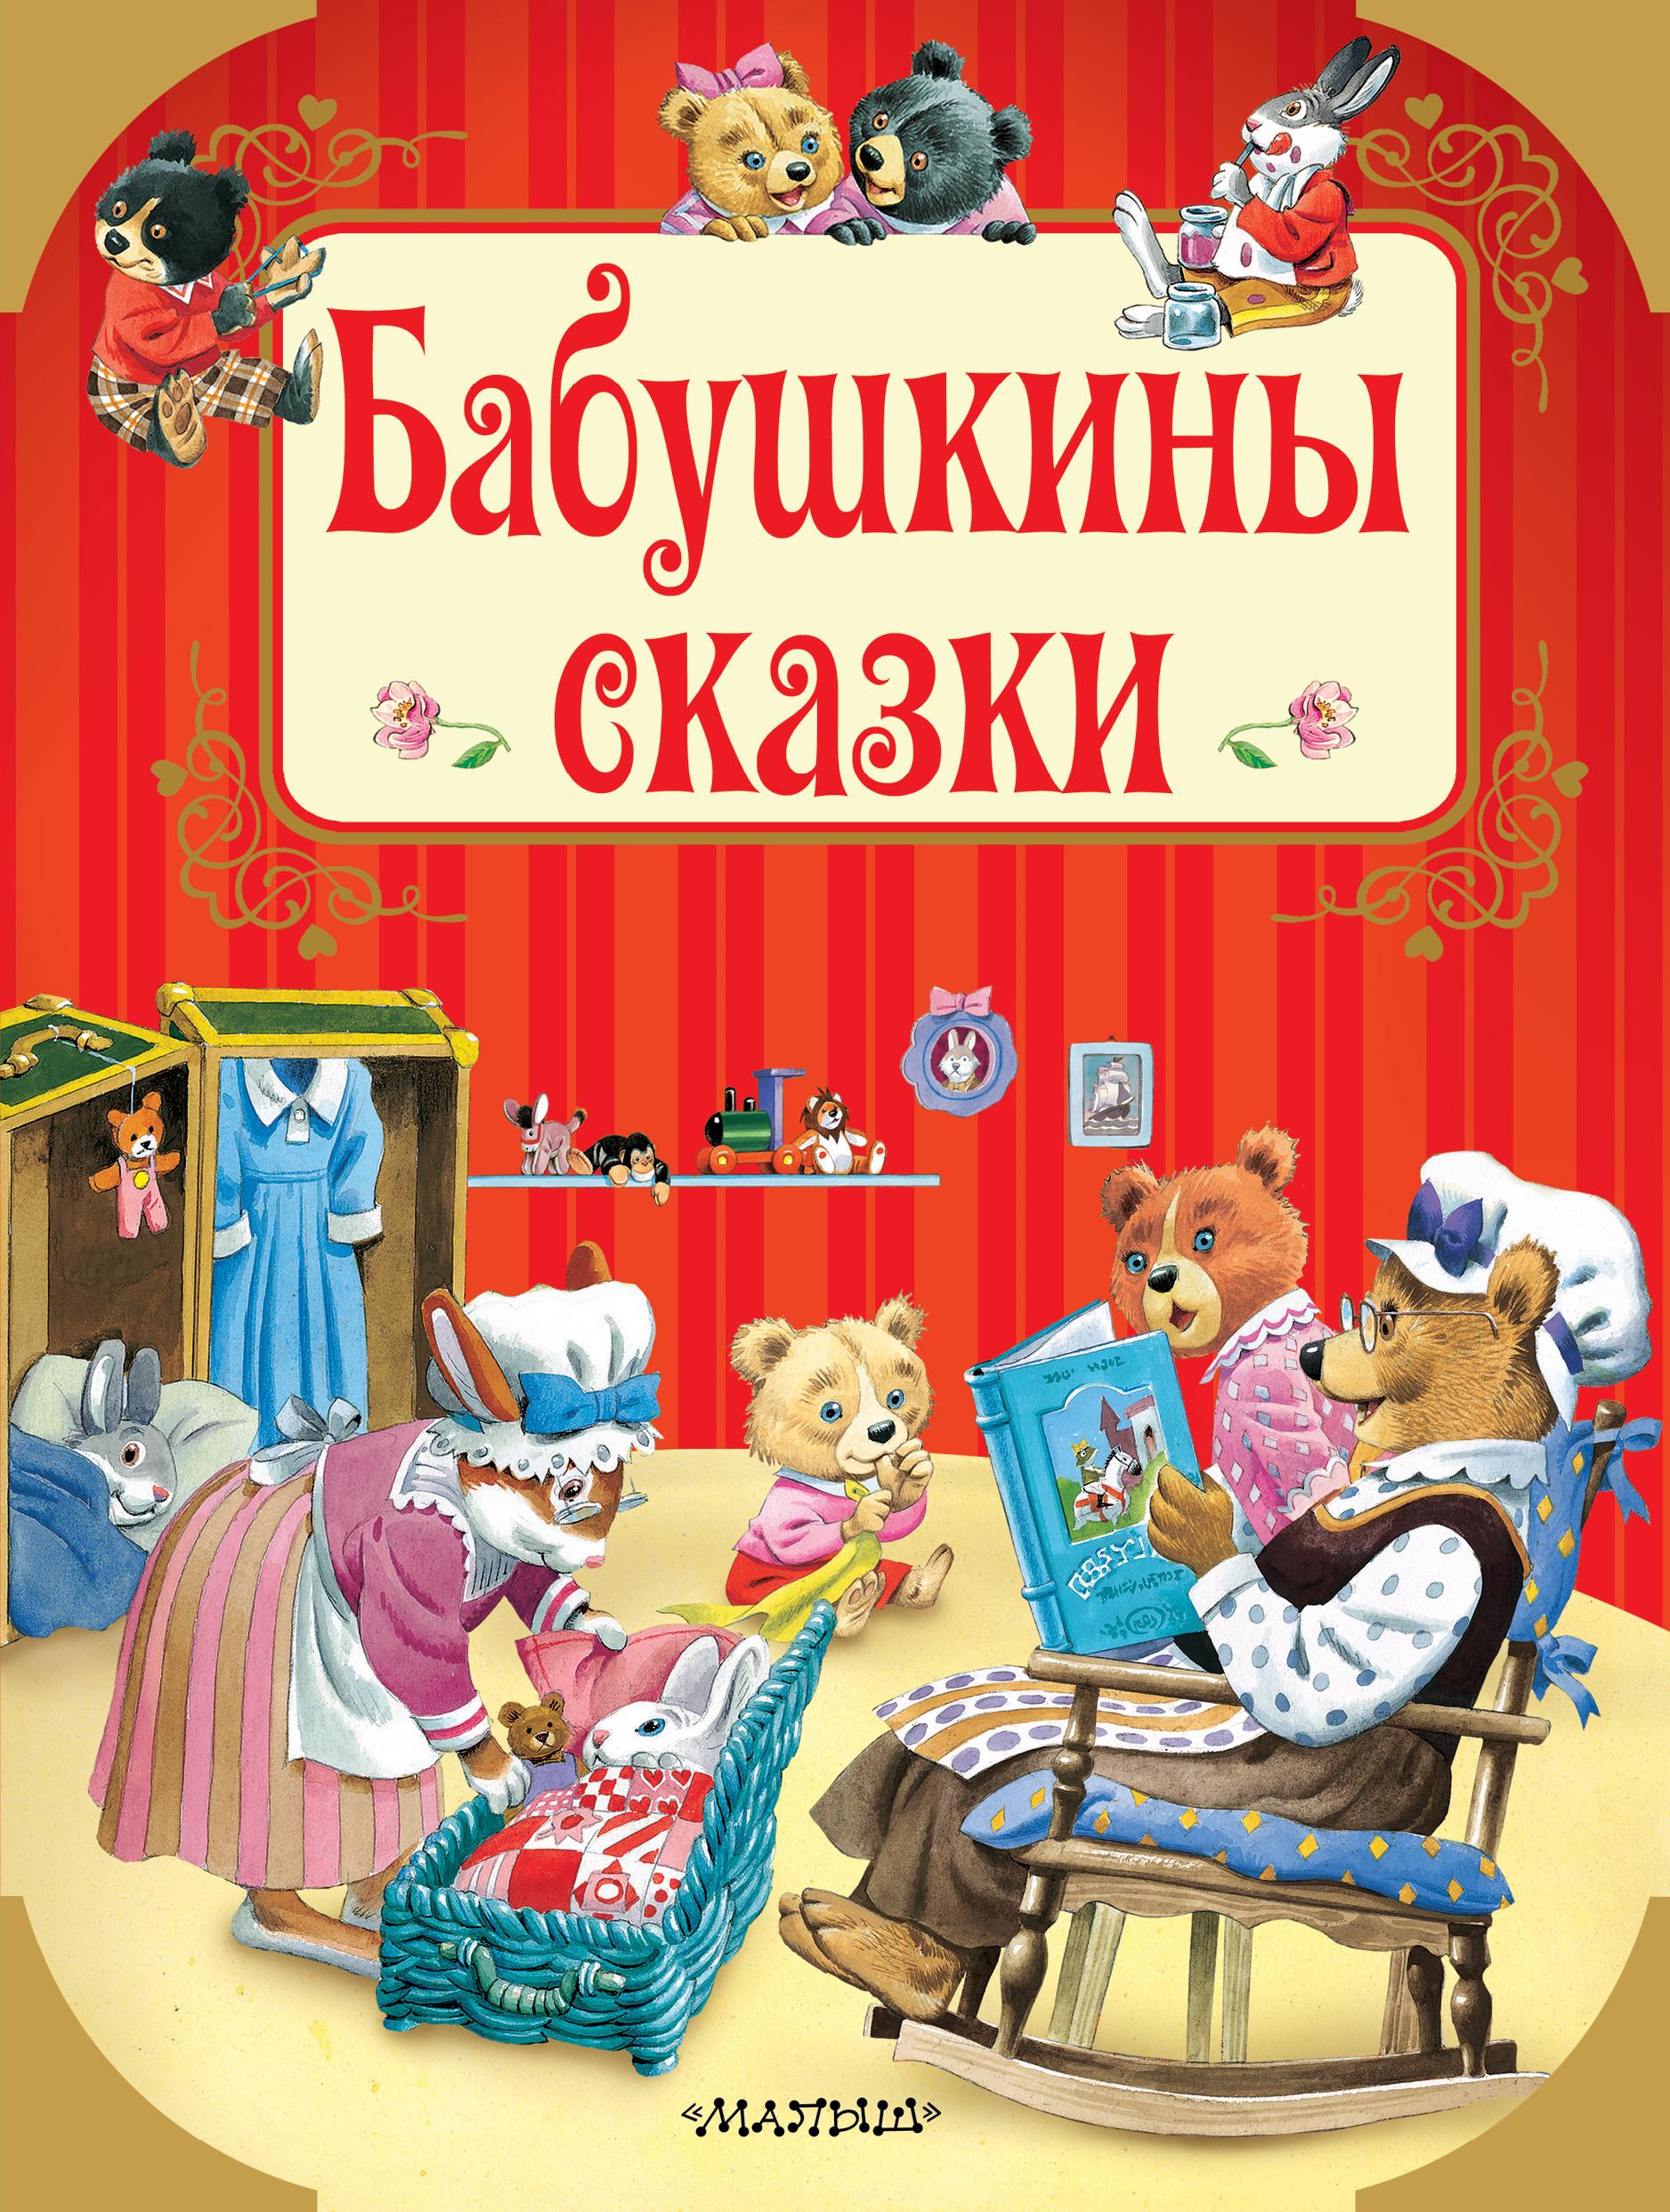 Сборник Бабушкины сказки бабушкины сказки сборник мультфильмов